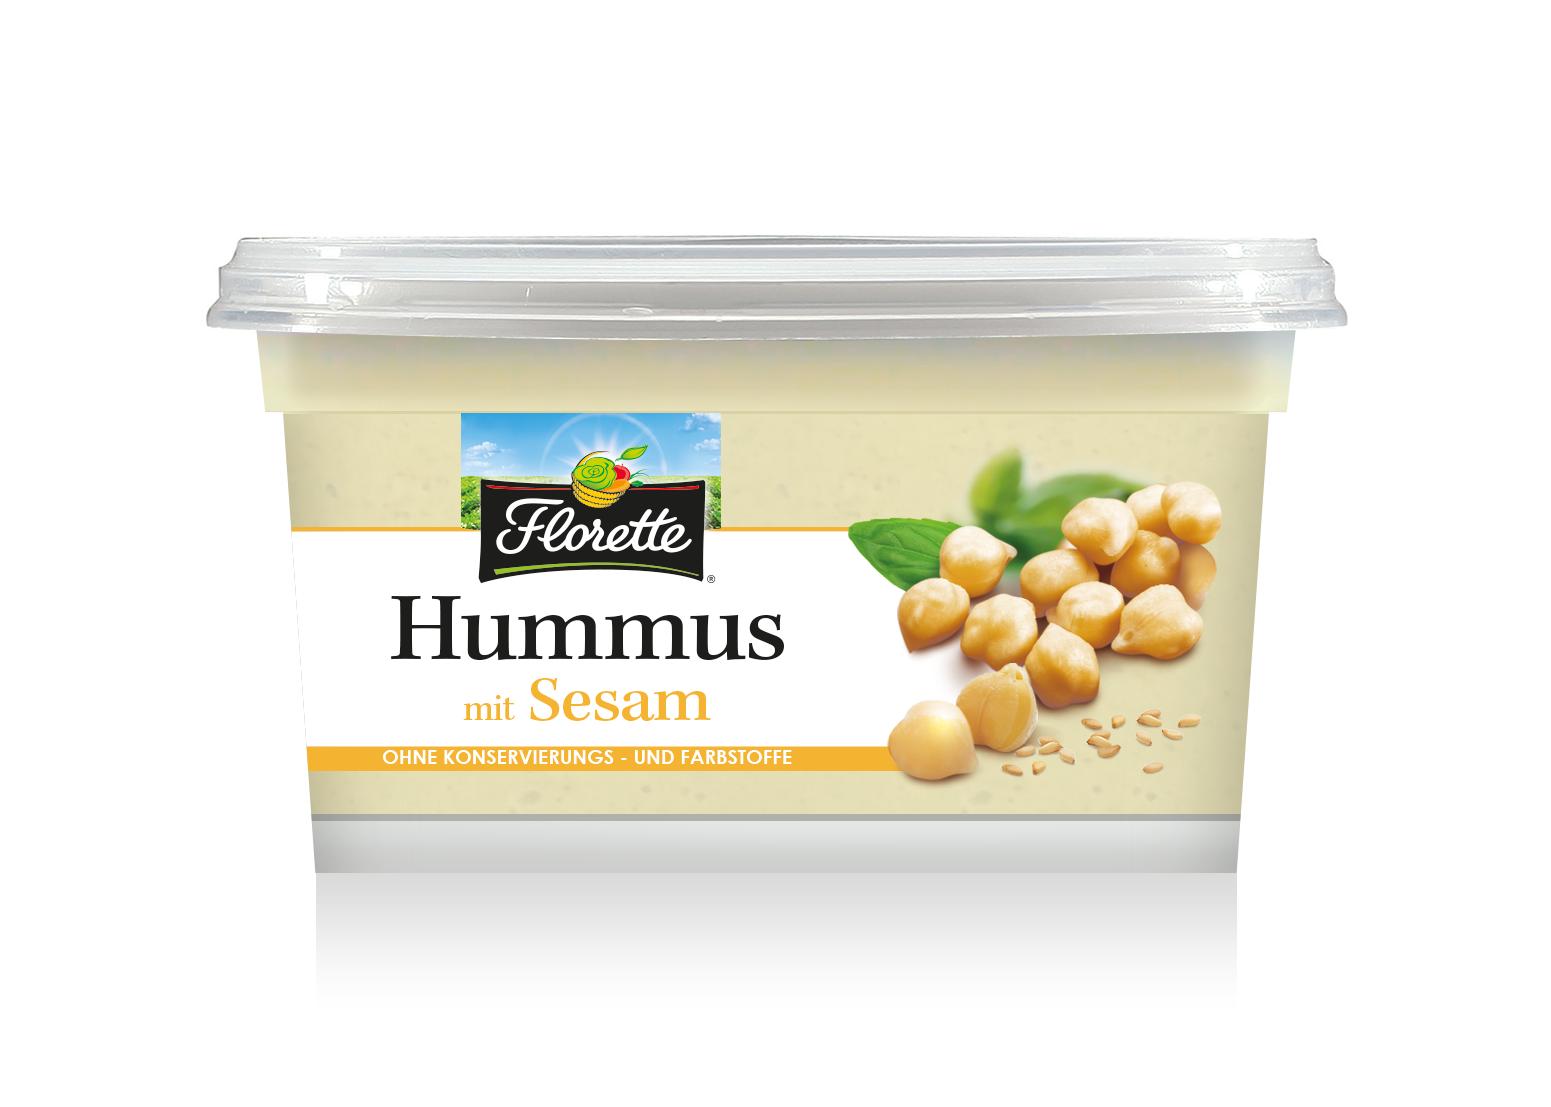 Florette - Hummus mit Sesam